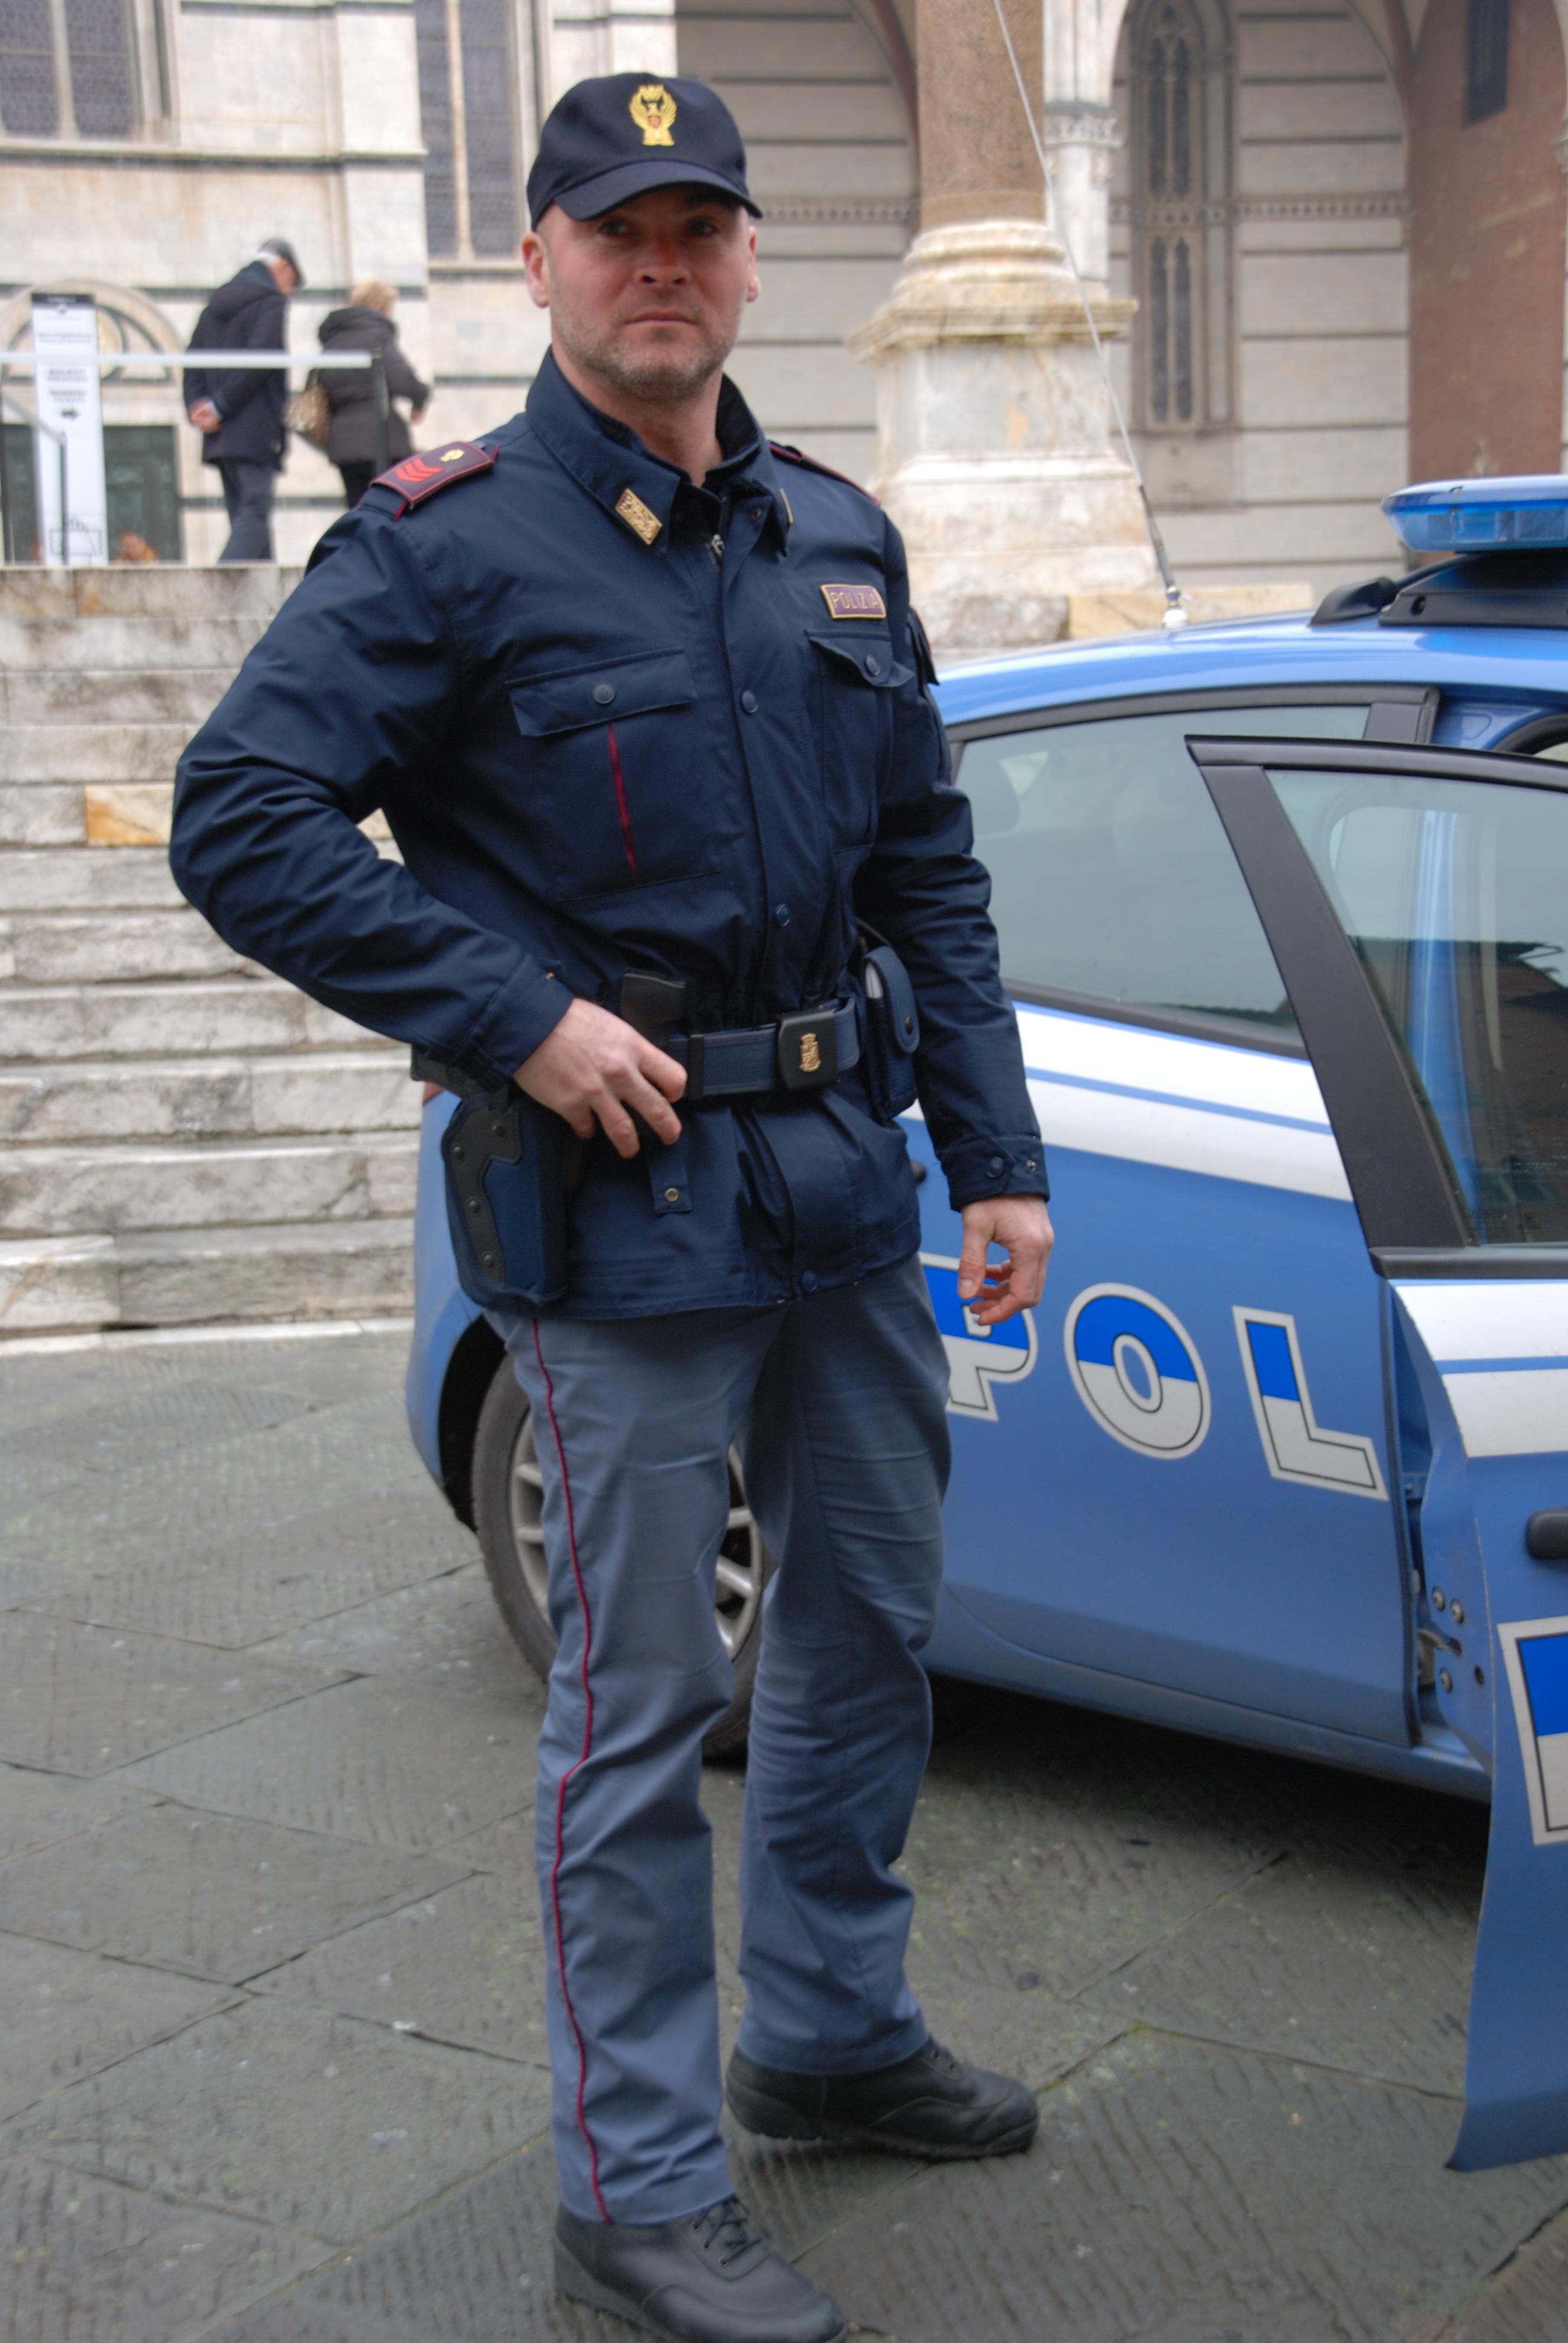 Polizia di stato questure sul web siena for Questura di como permessi di soggiorno